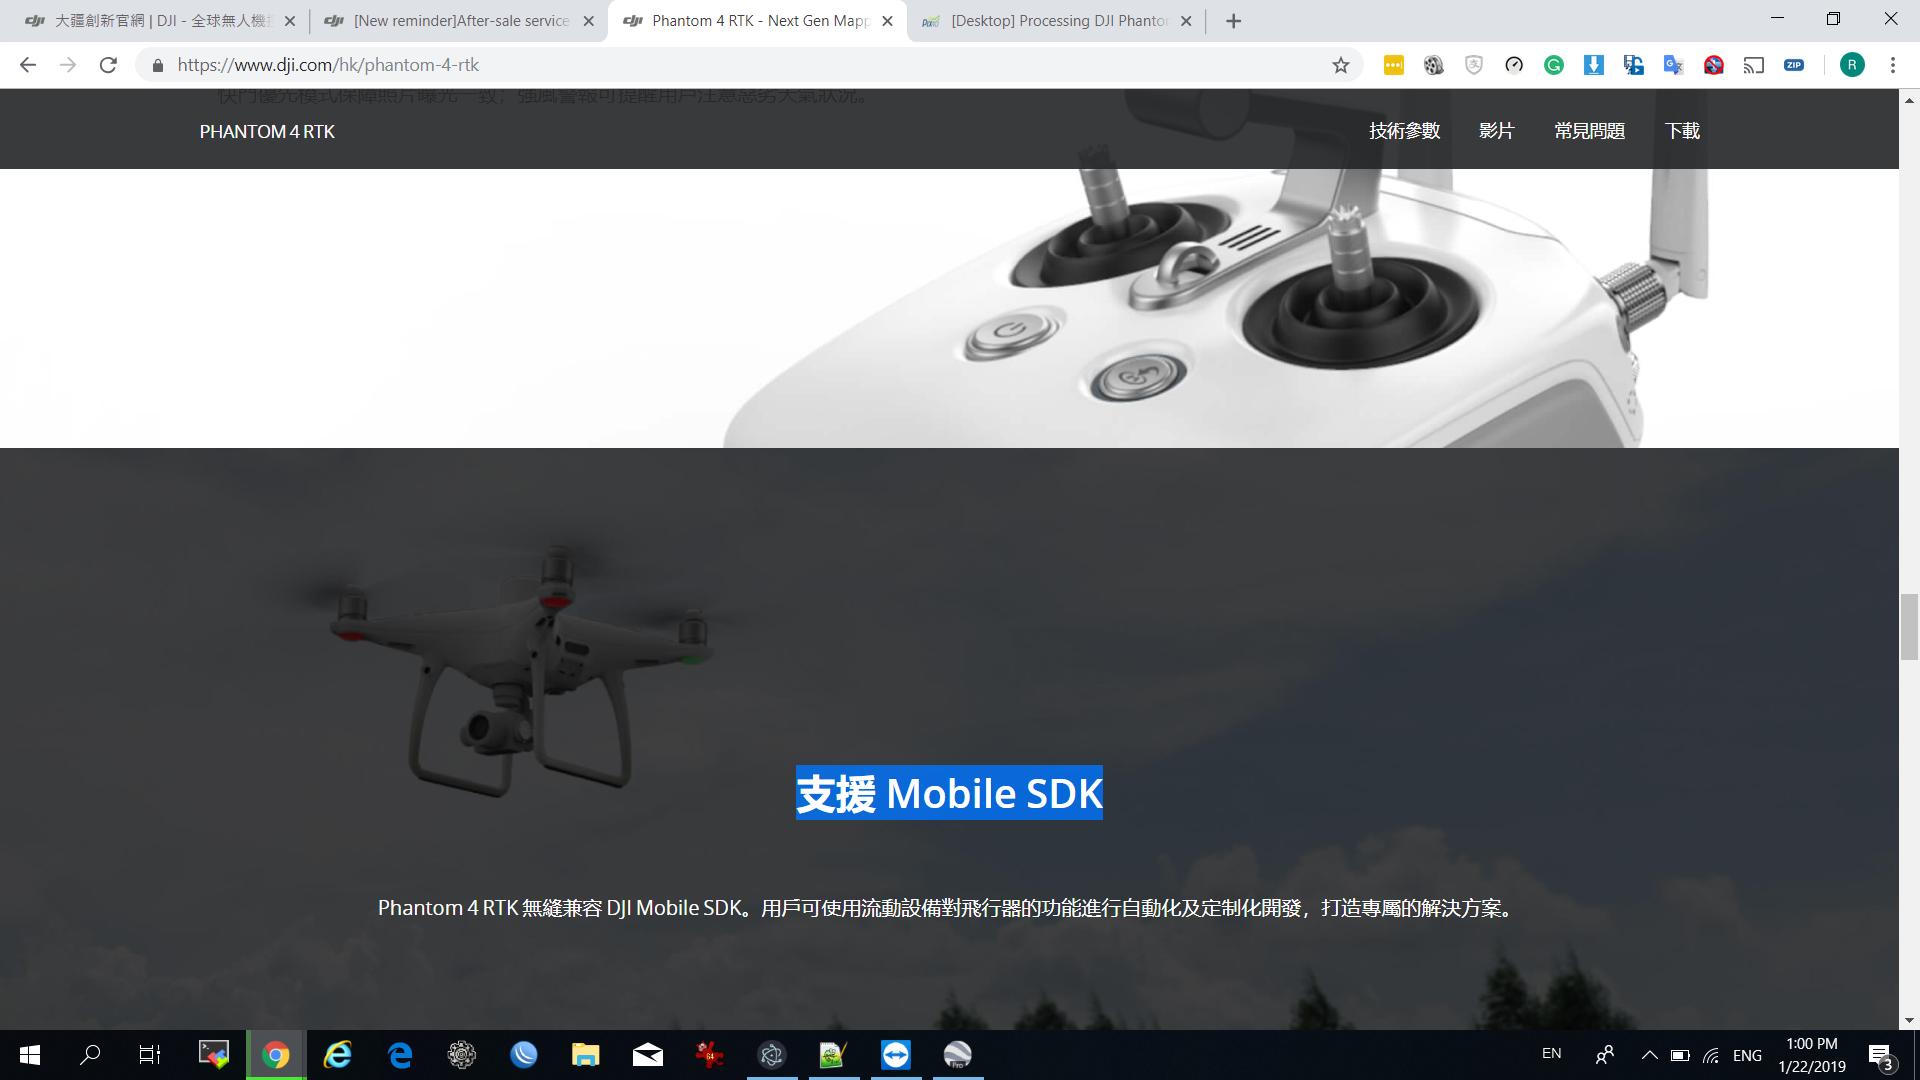 phantom4rtk-mobilesdk-support.png